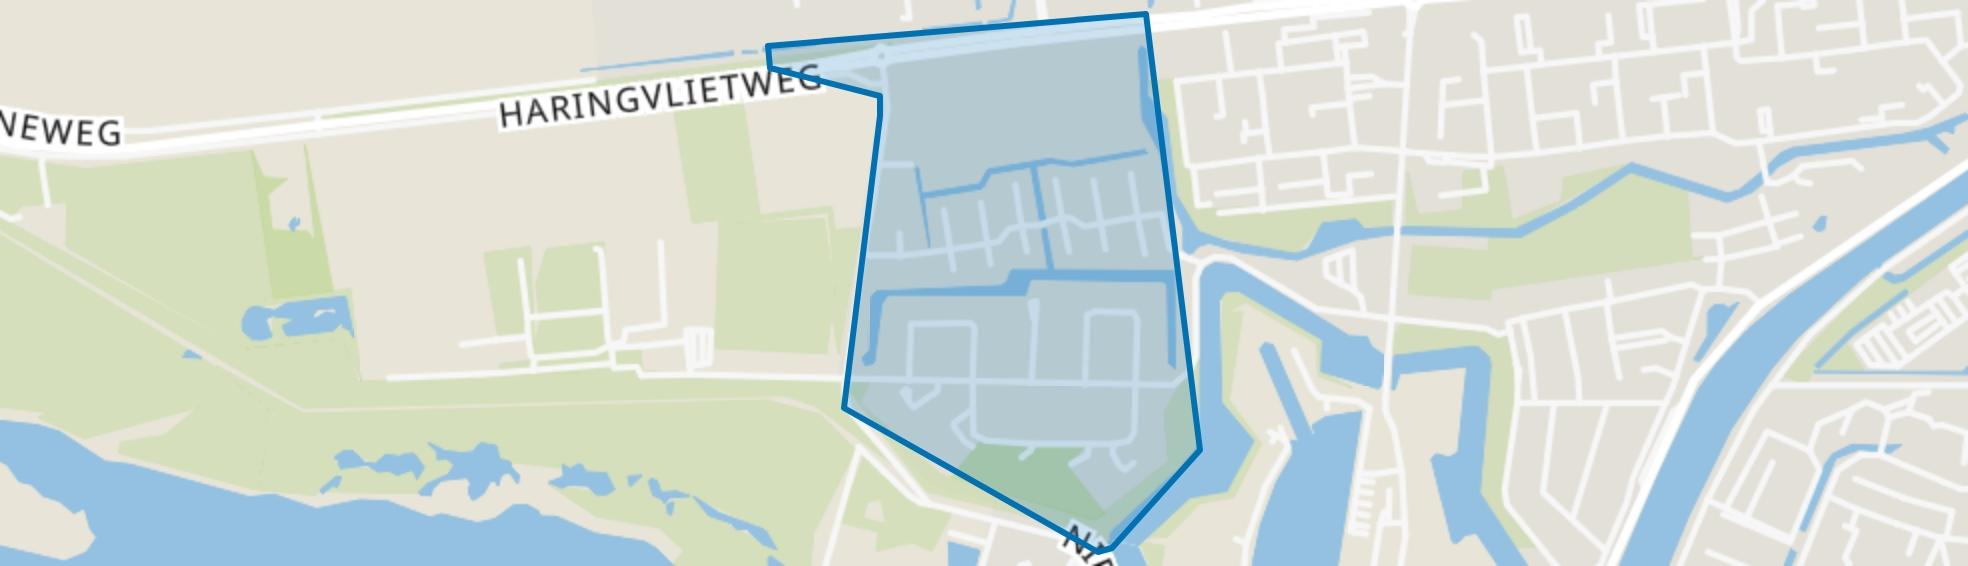 Groote Weergors, Hellevoetsluis map